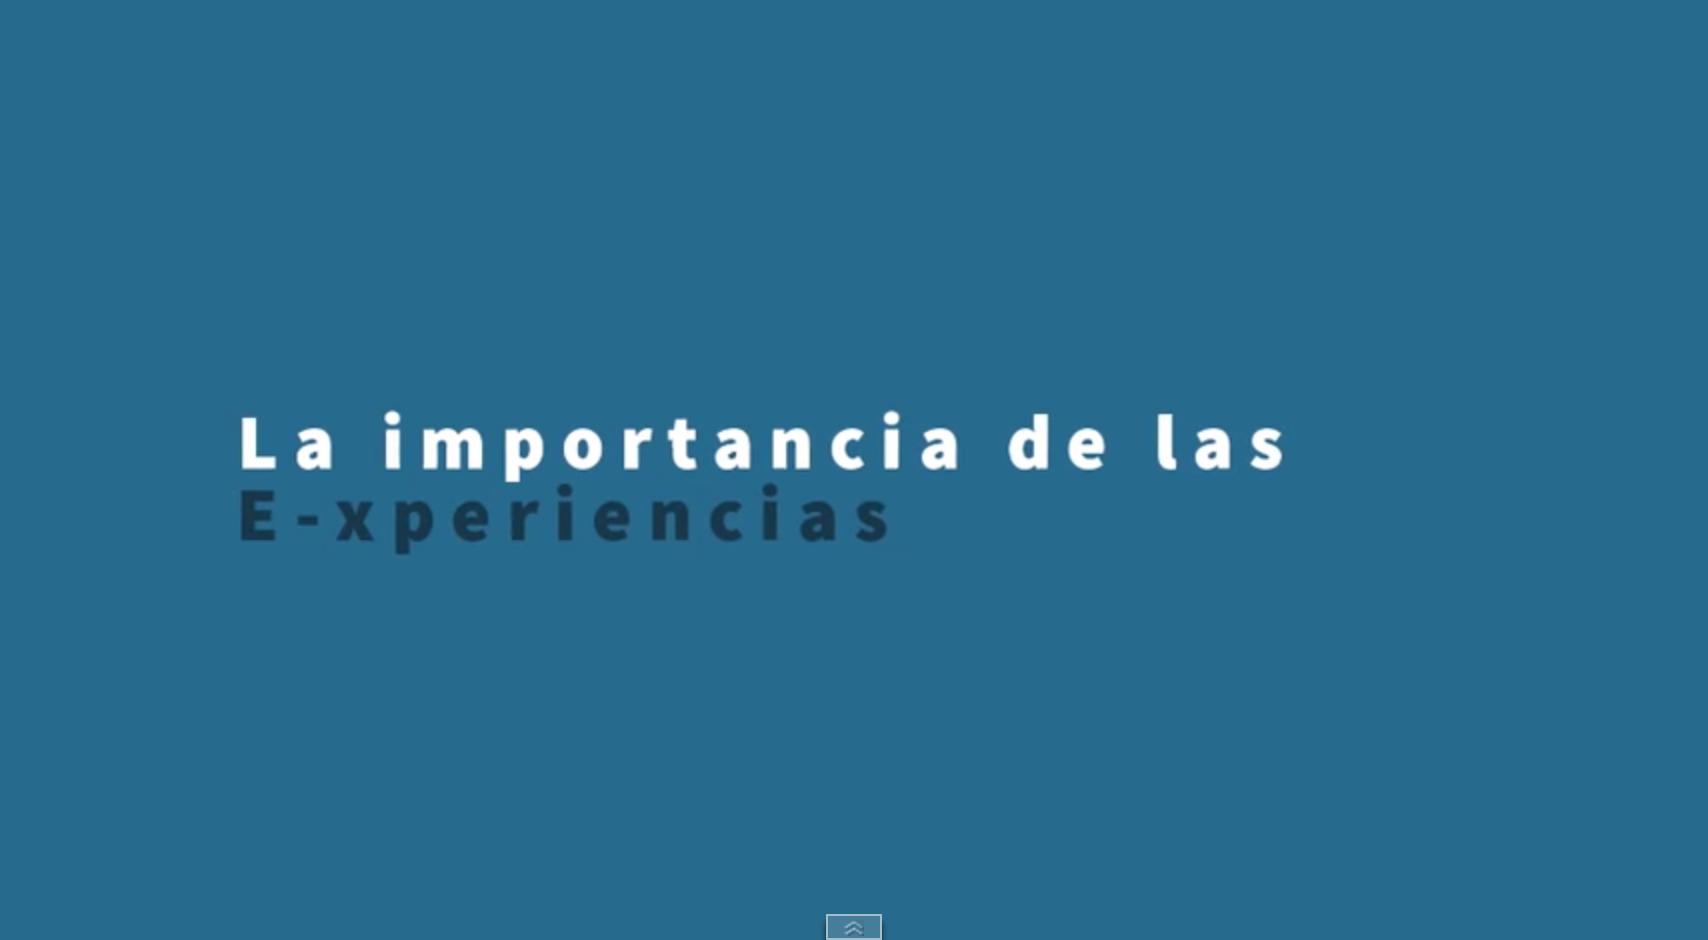 e-xperiencias